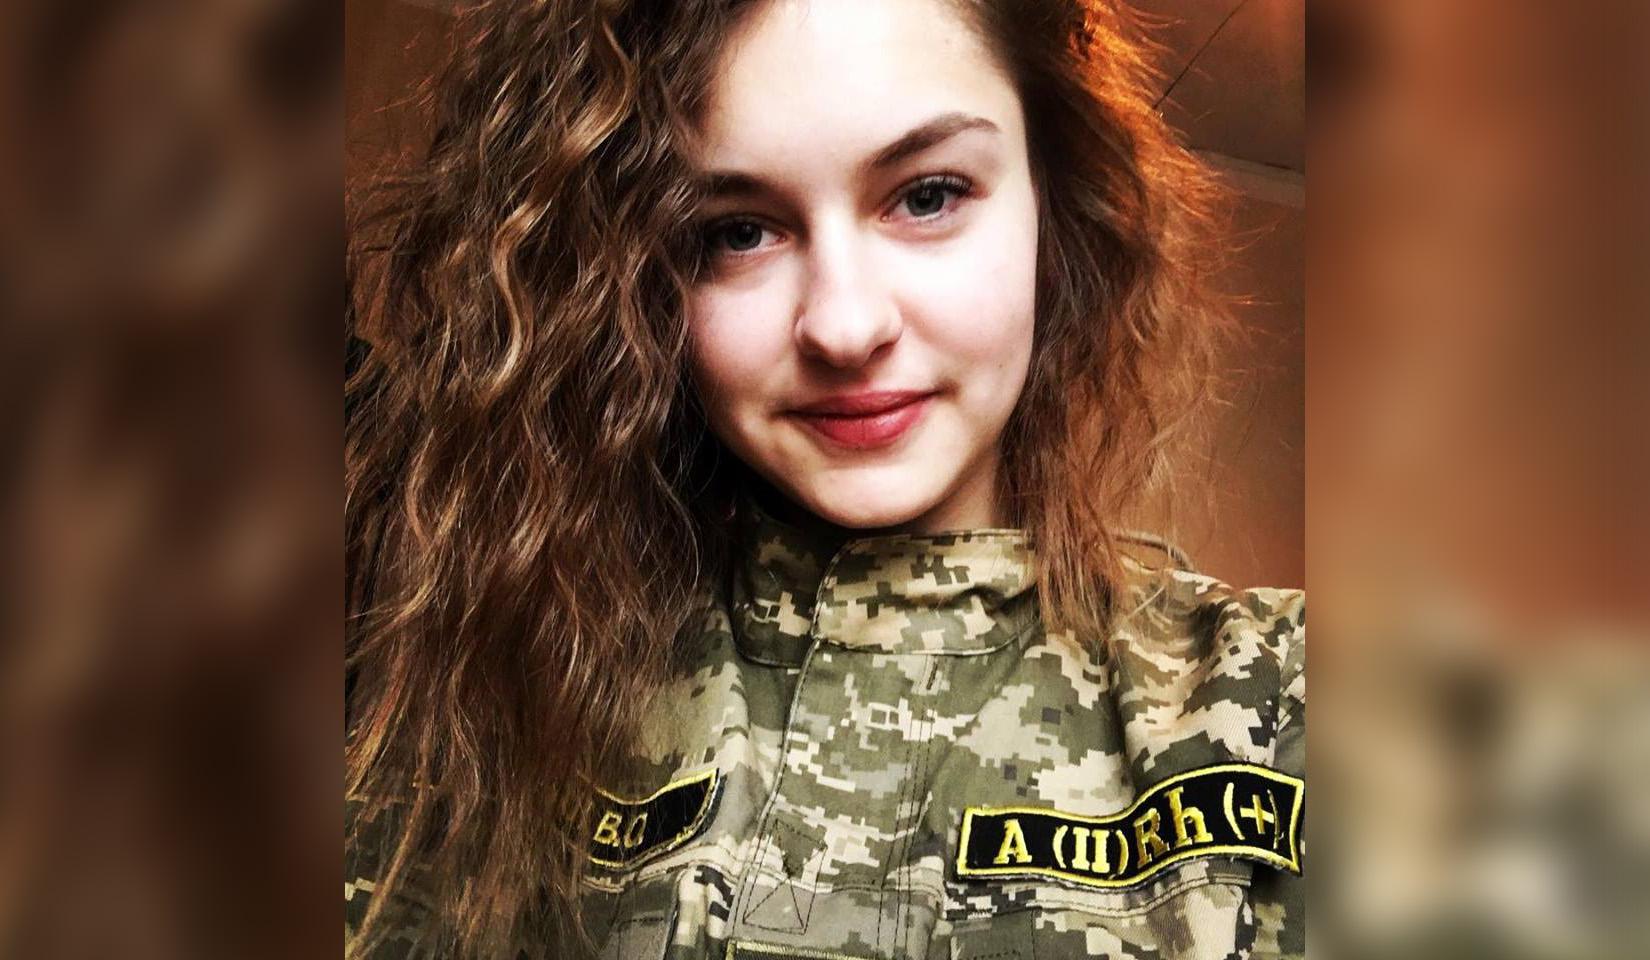 Армейский секс-скандал: обвиняемый в домогательствах командир части подал в суд на девушку-офицера